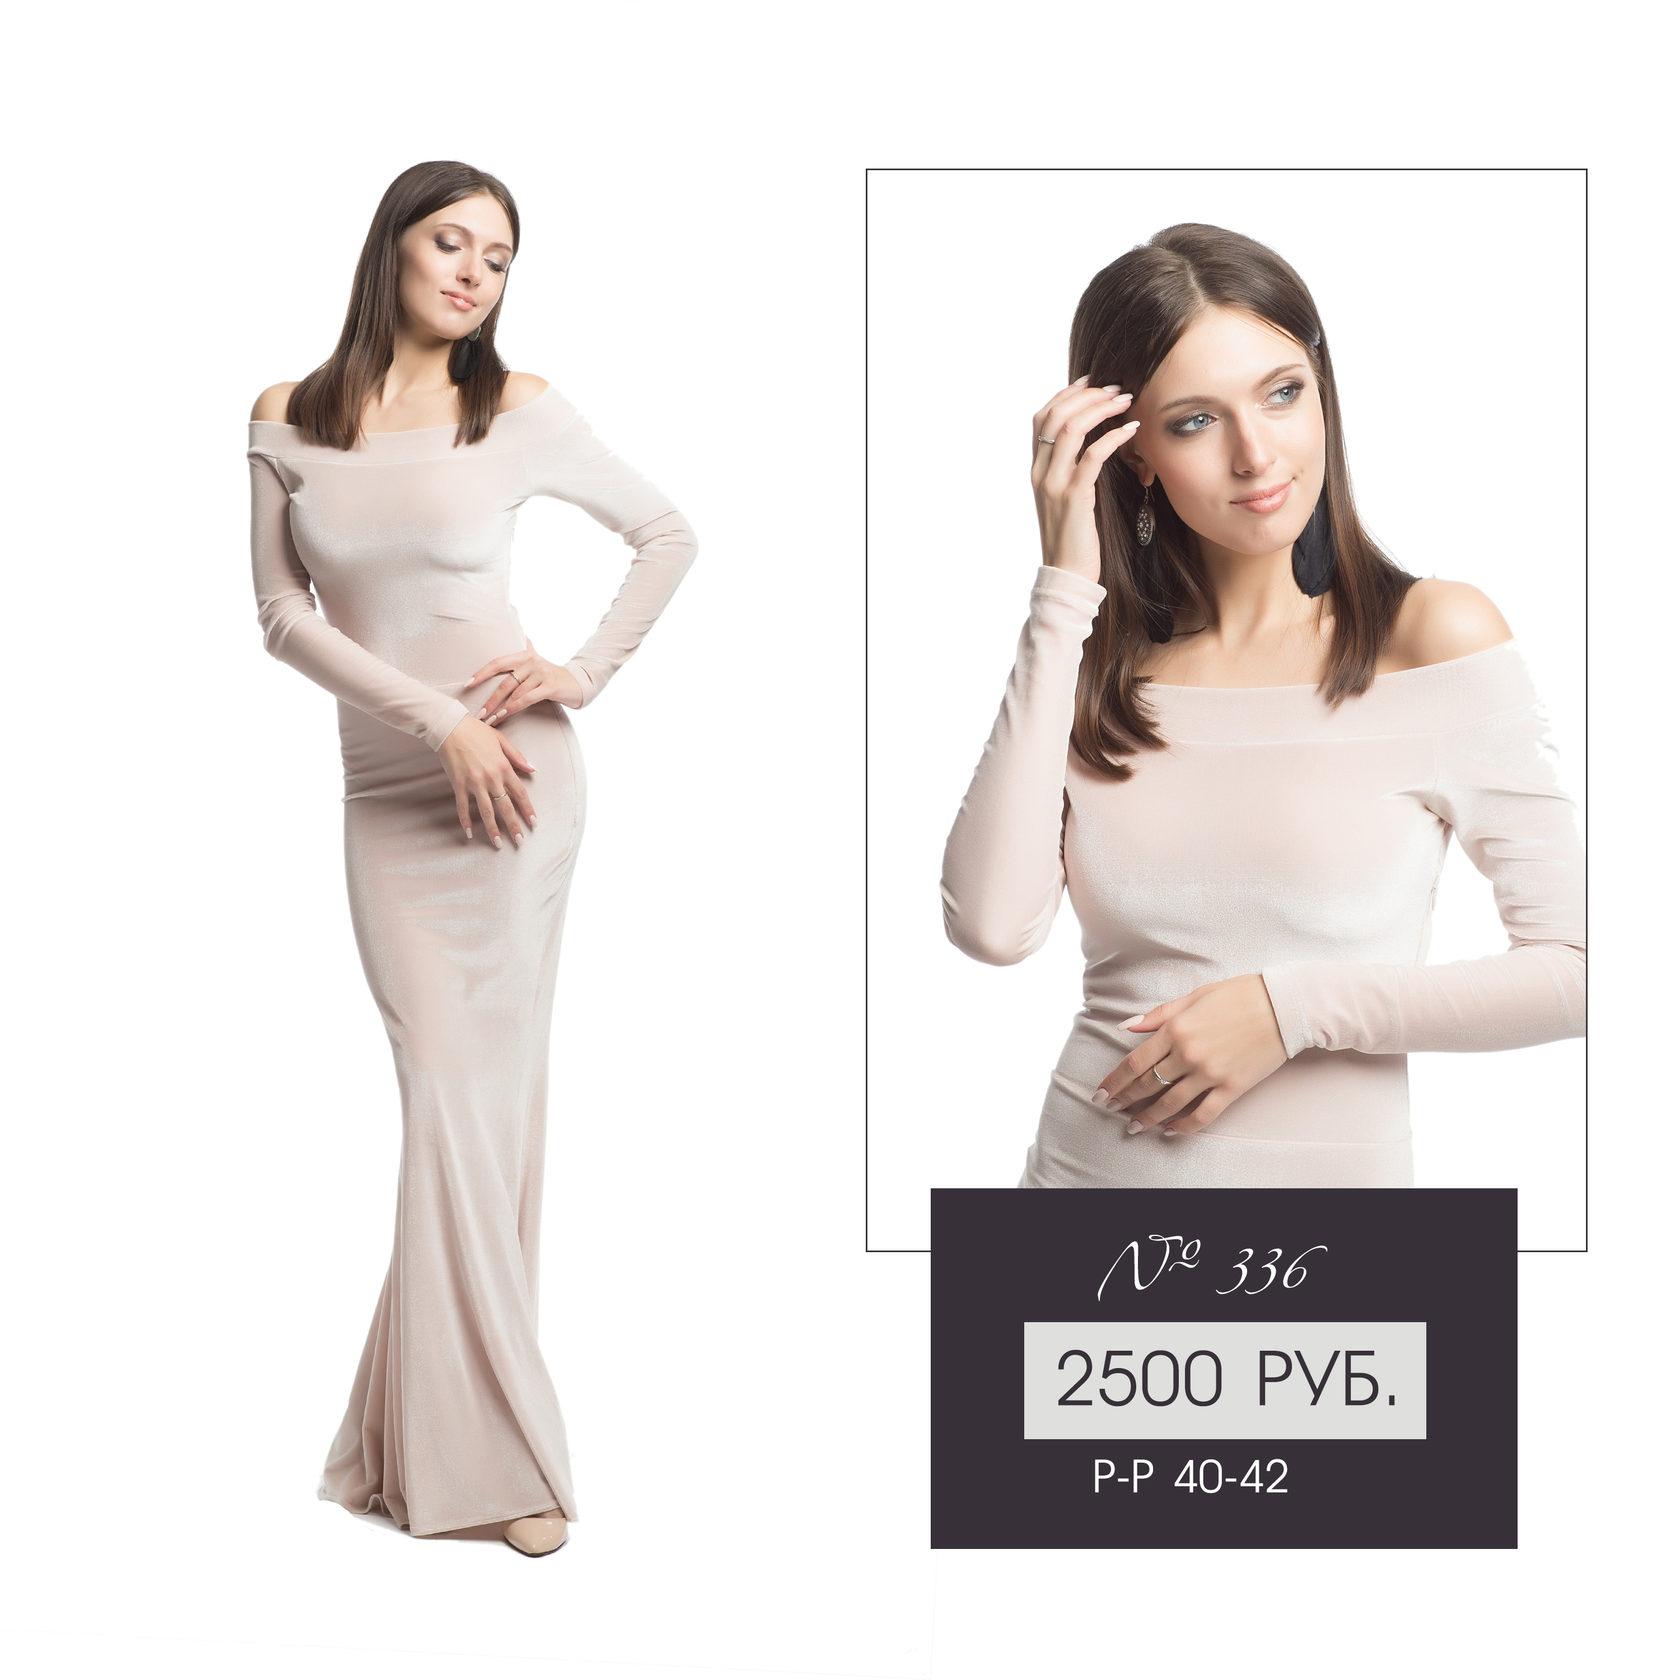 невеста настояла одежда напрокат для фотосессии саратов мышечный рельеф